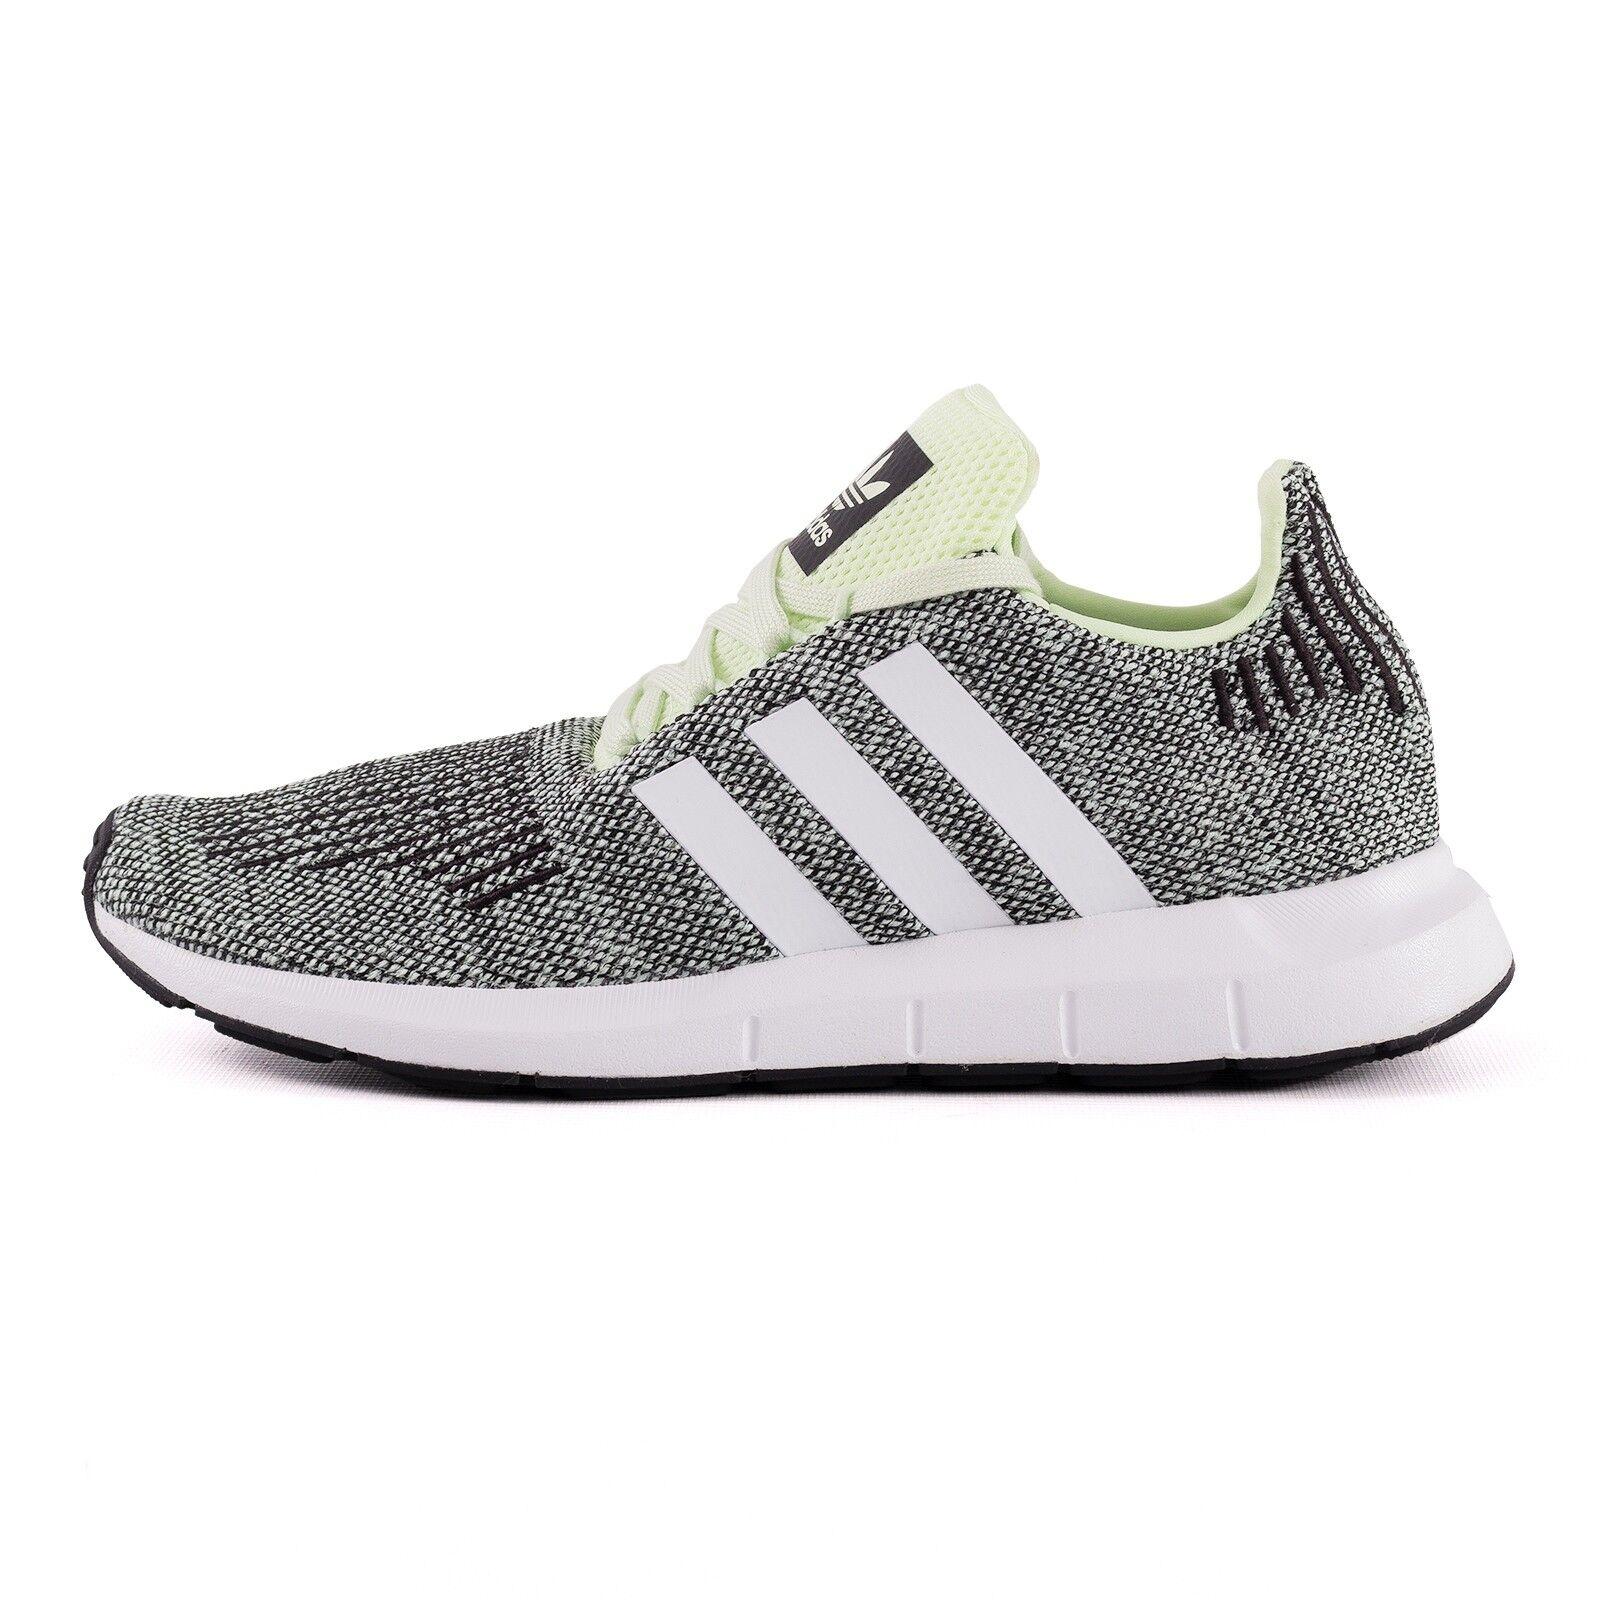 Adidas Swift Correr Zapatos Zapato 51406 De Hombre Zapatillas aerogrün 51406 Zapato ea7260